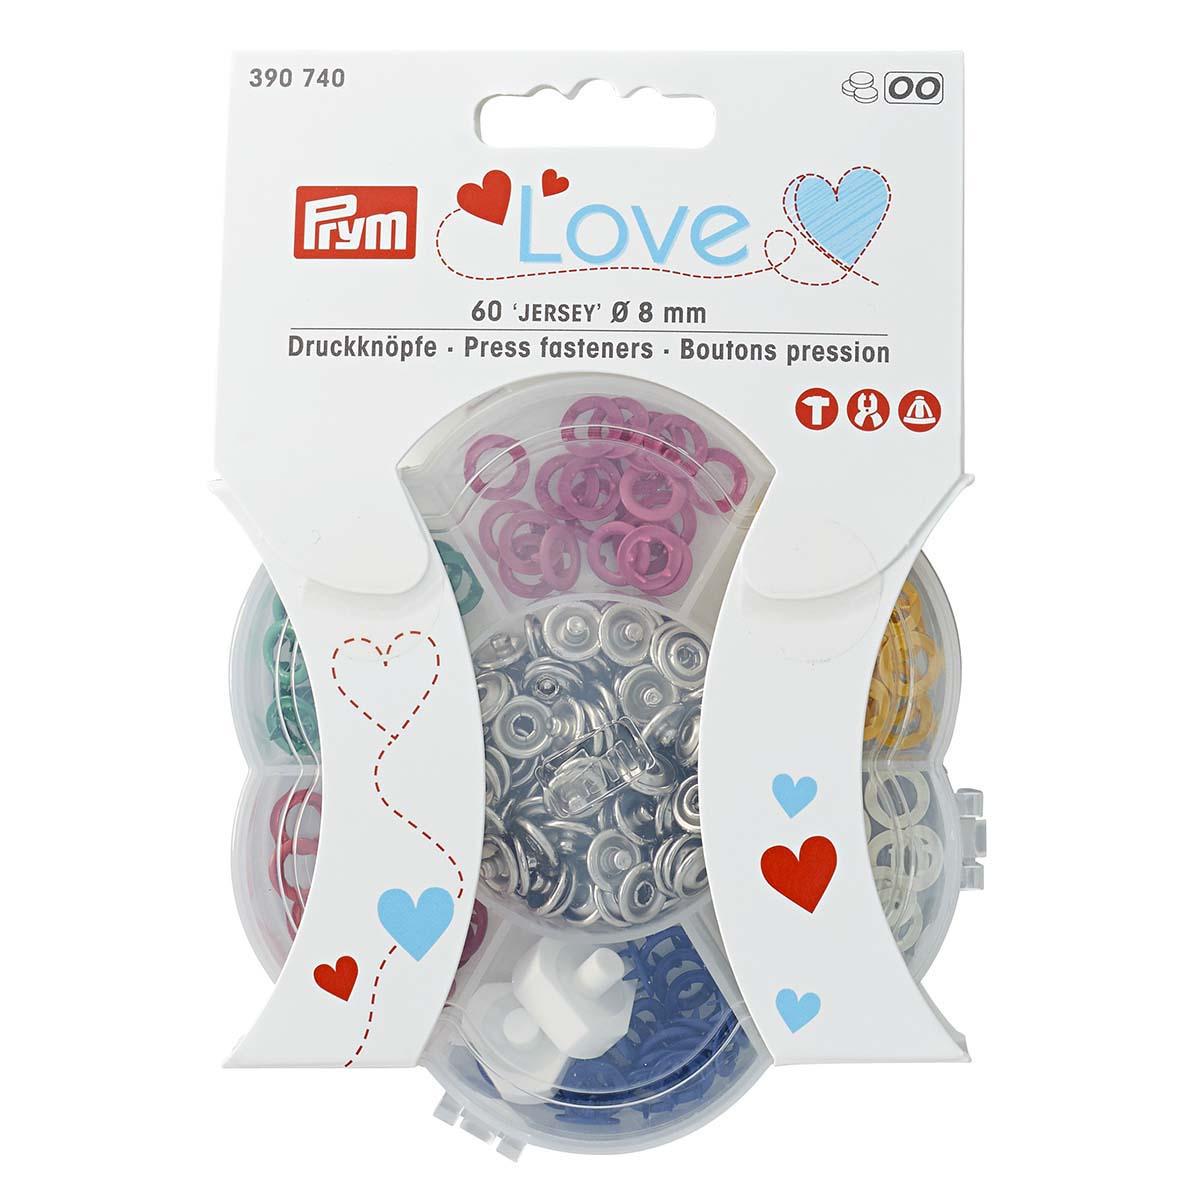 390740 Набор кнопки Джерси Prym Love Color, 8мм, 6*10шт, Prym